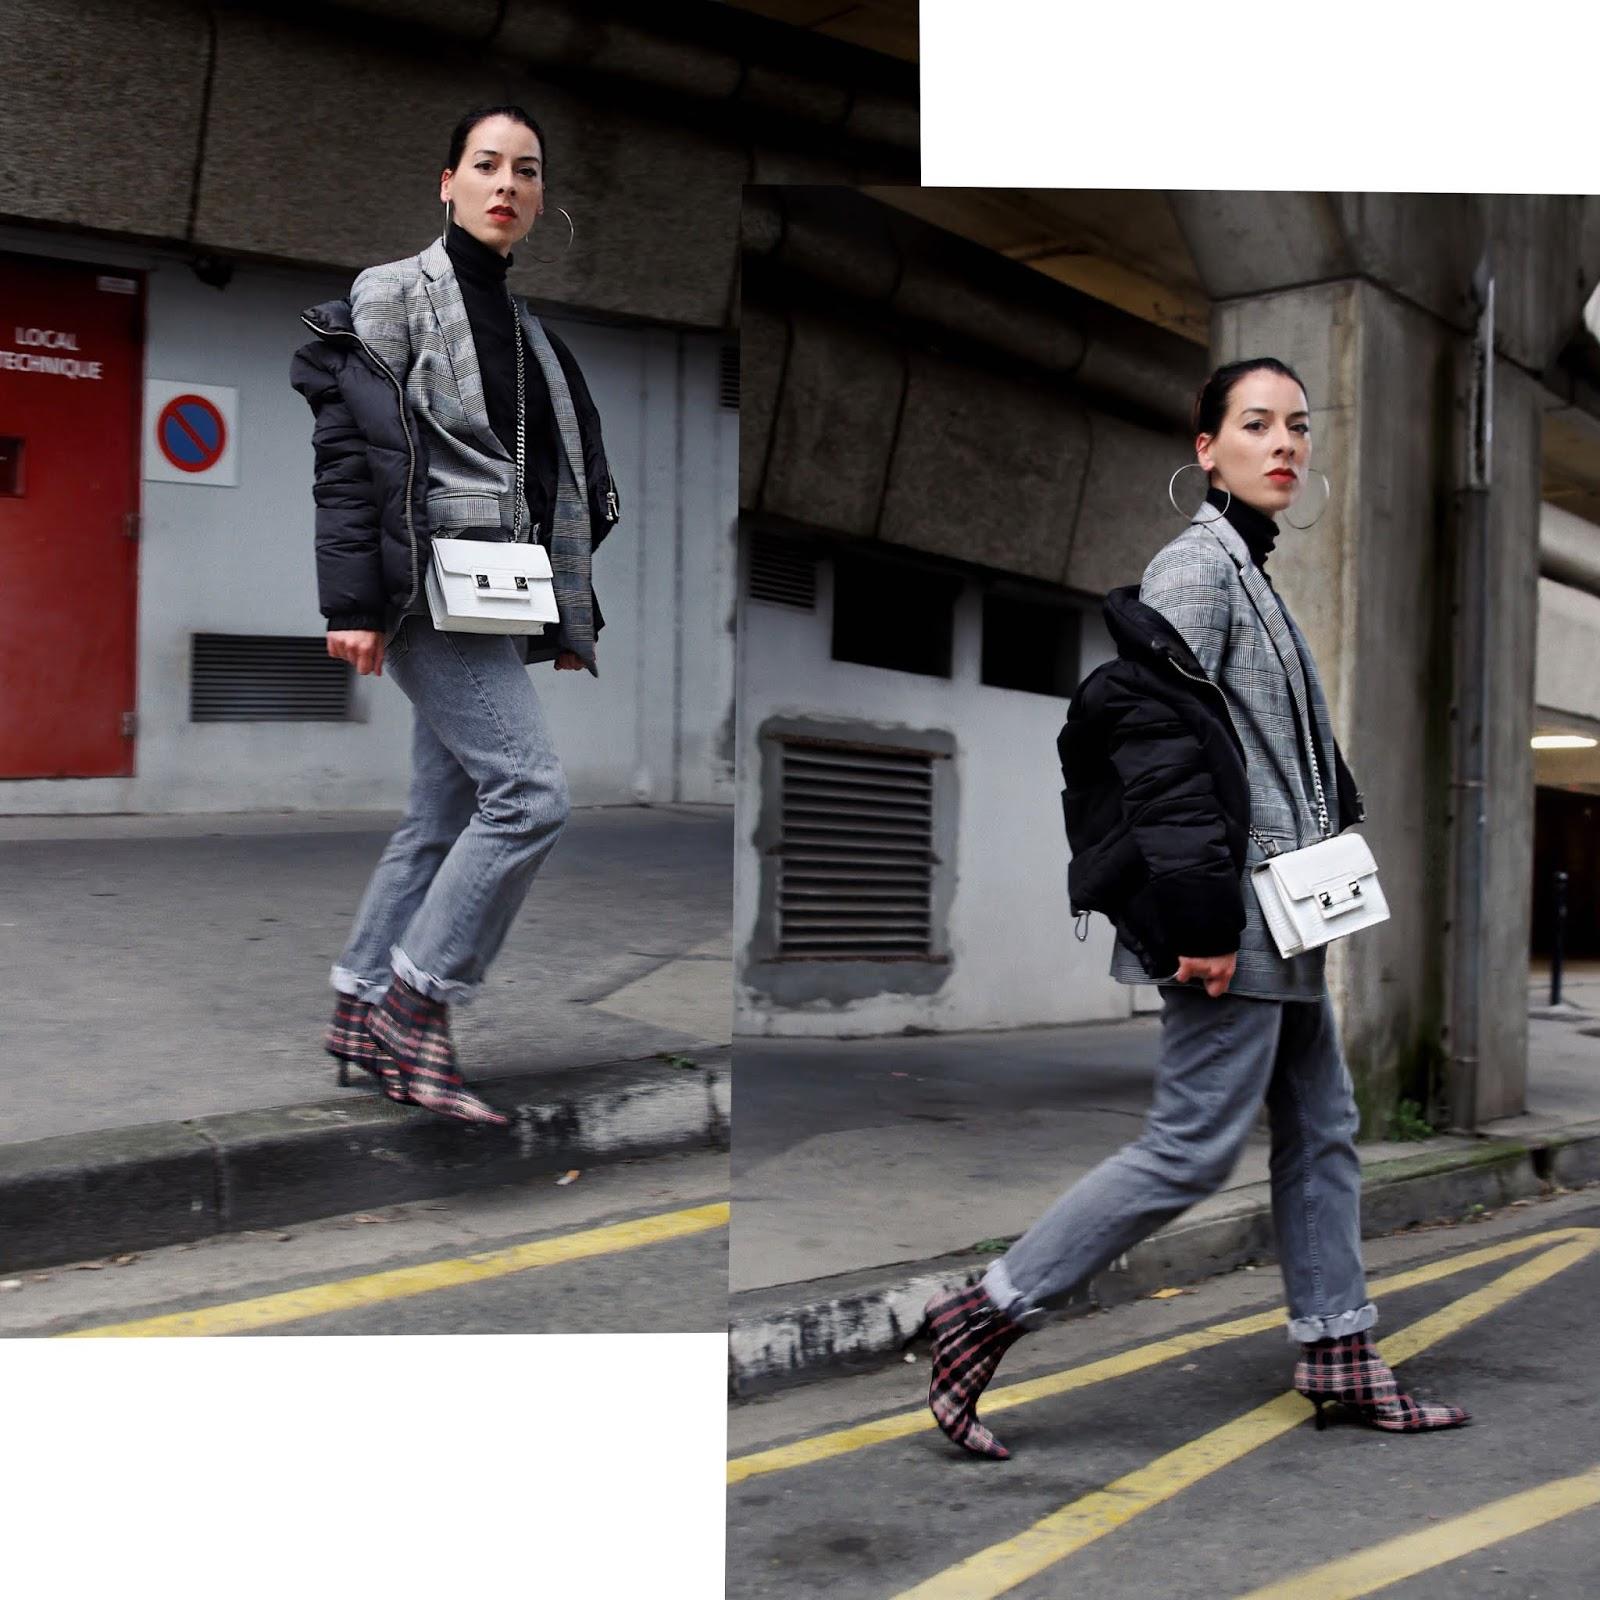 tendance carreaux, idée de look,2018, doudoune noir